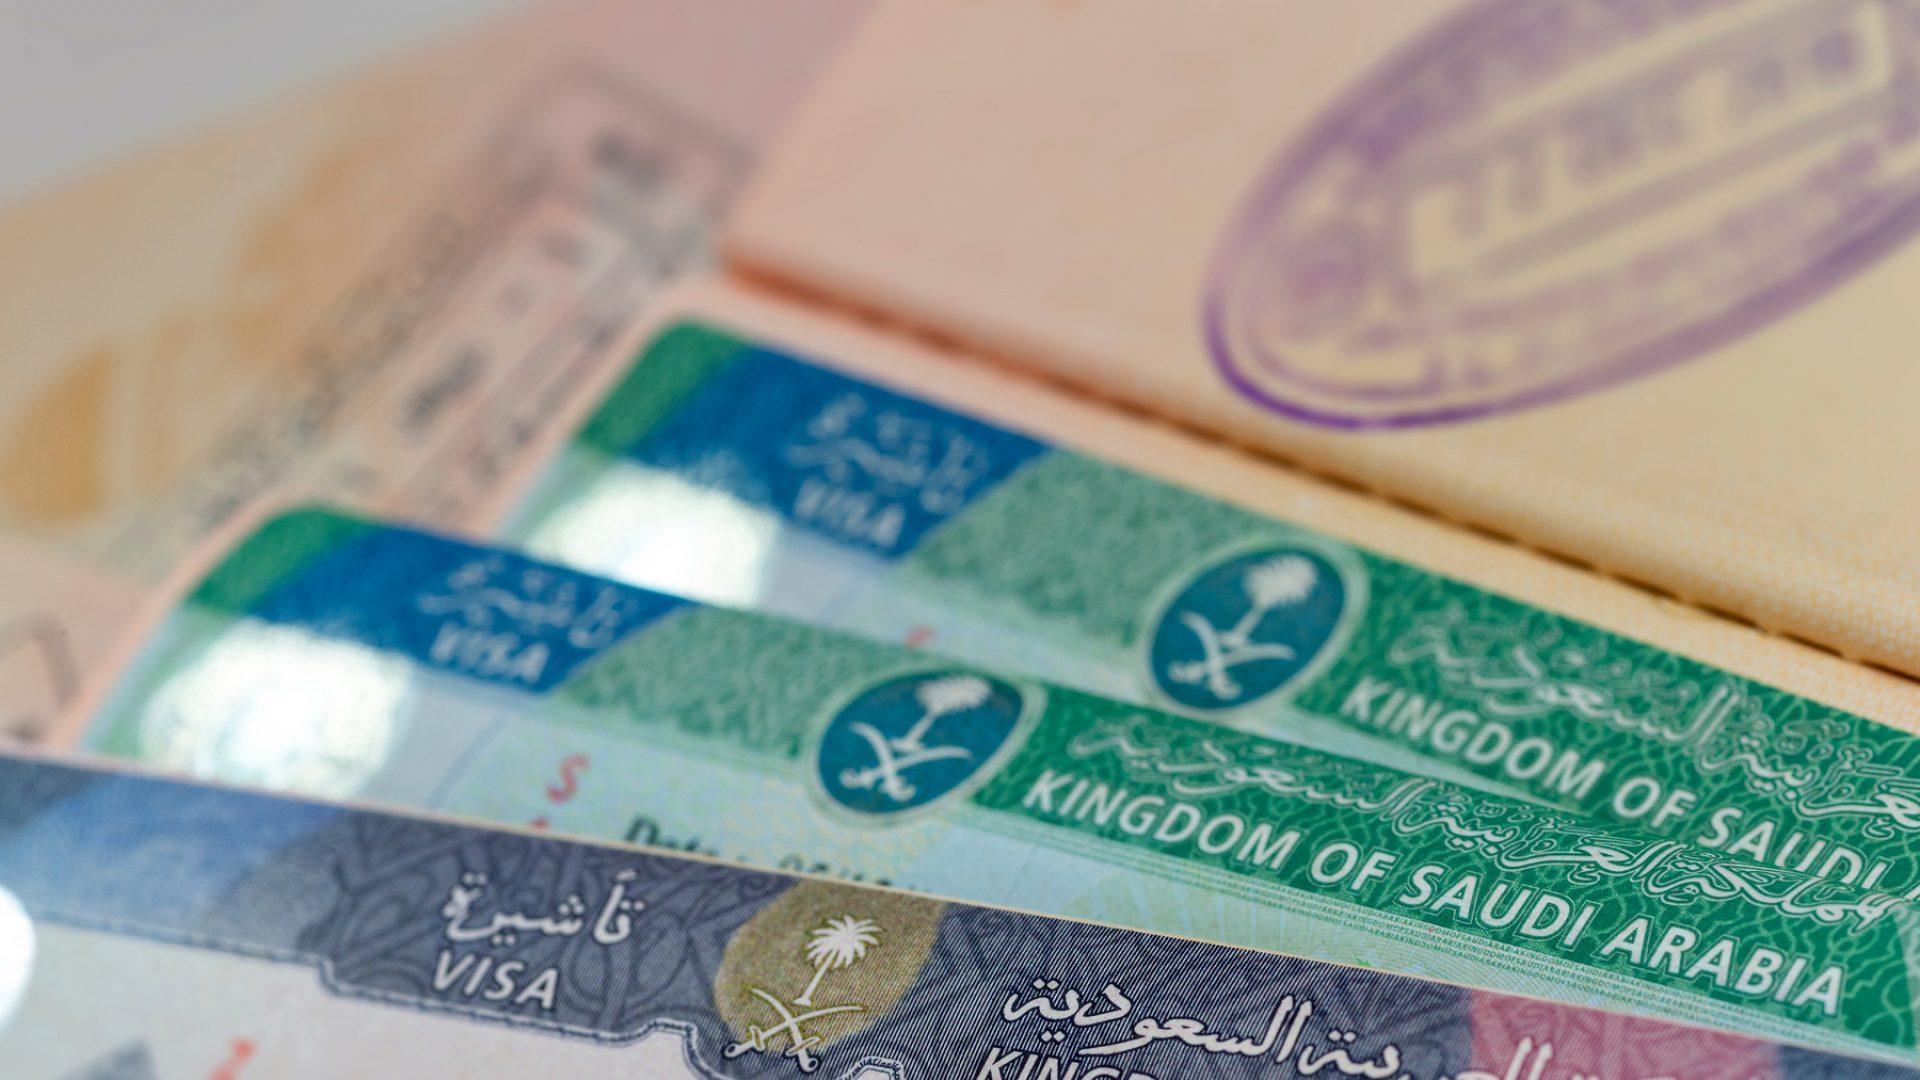 استرداد رسوم فيزا الاستقدام